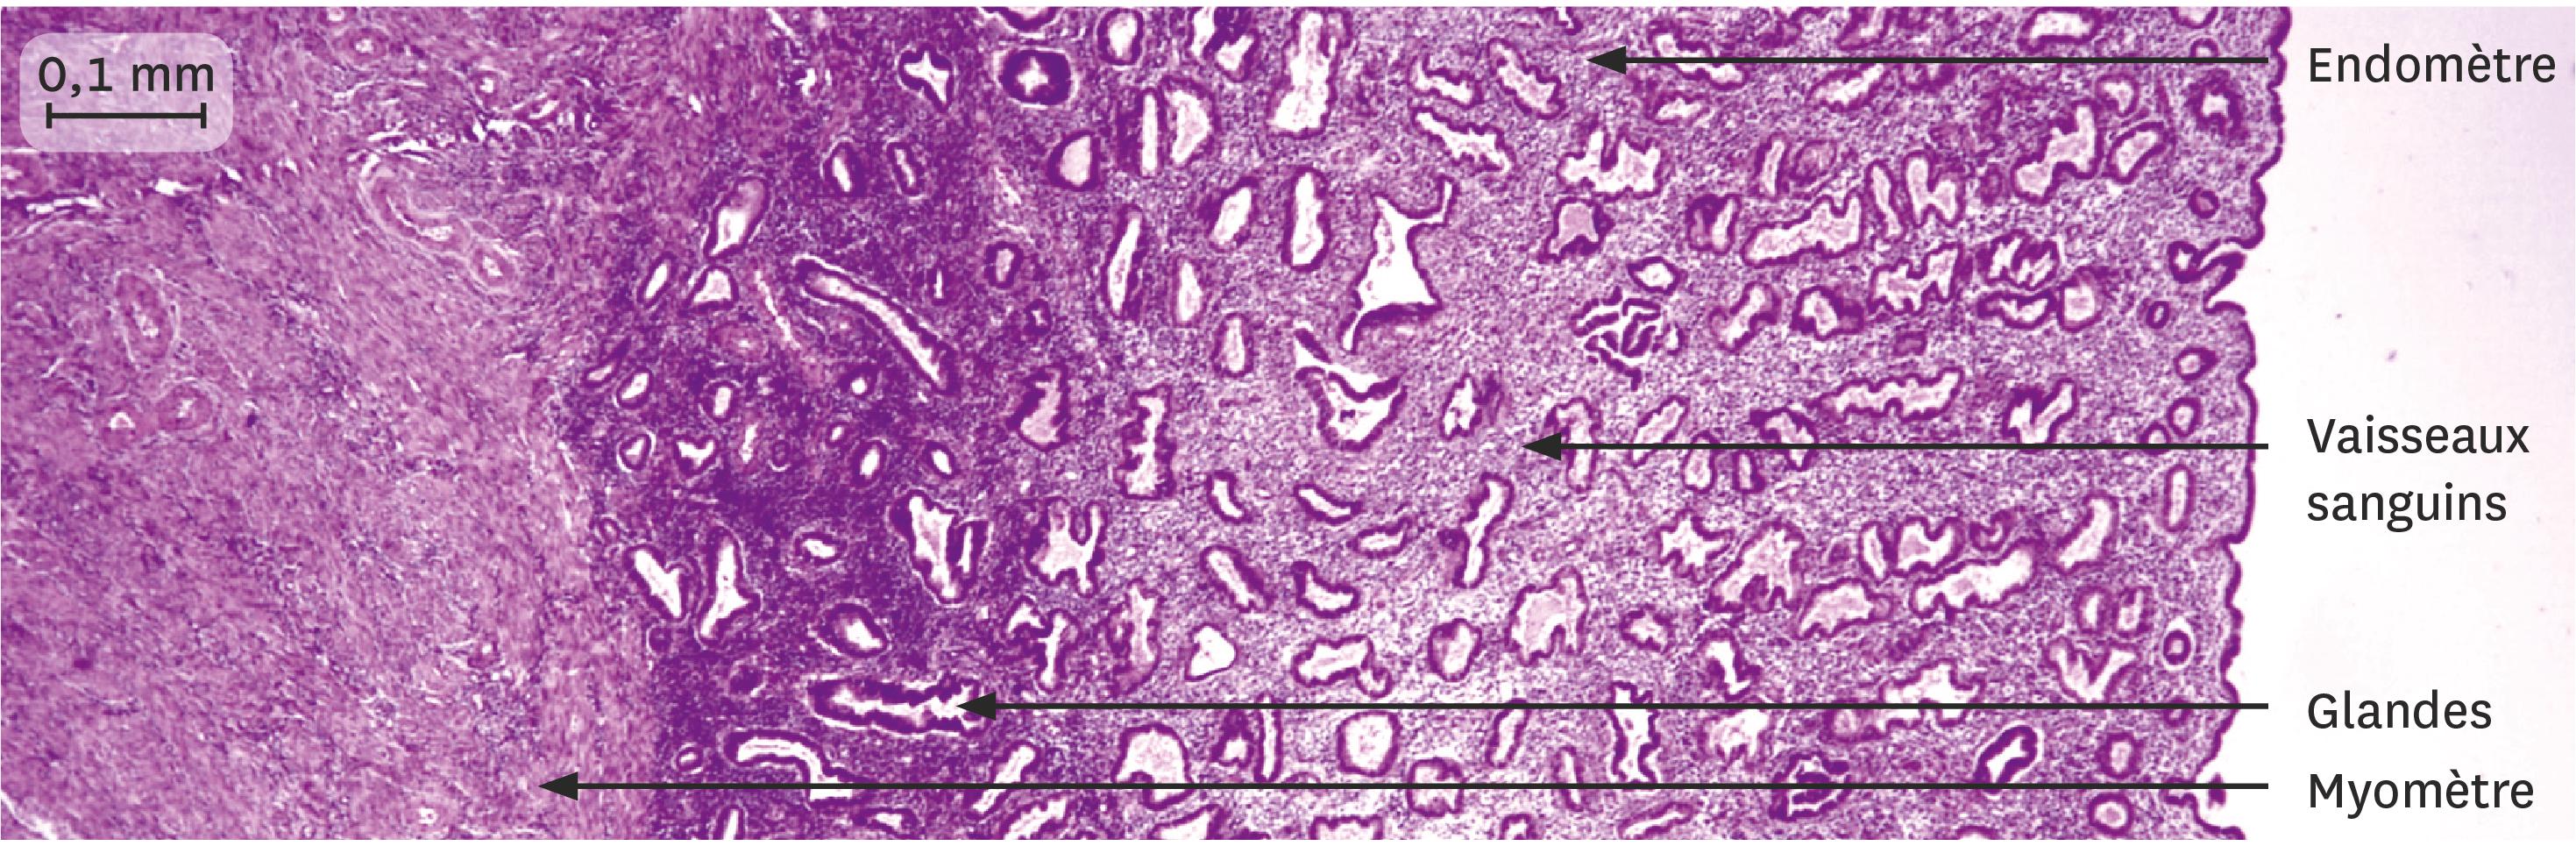 Une coupe de la muqueuse utérine 10 jours après les règles observée au microscope optique.